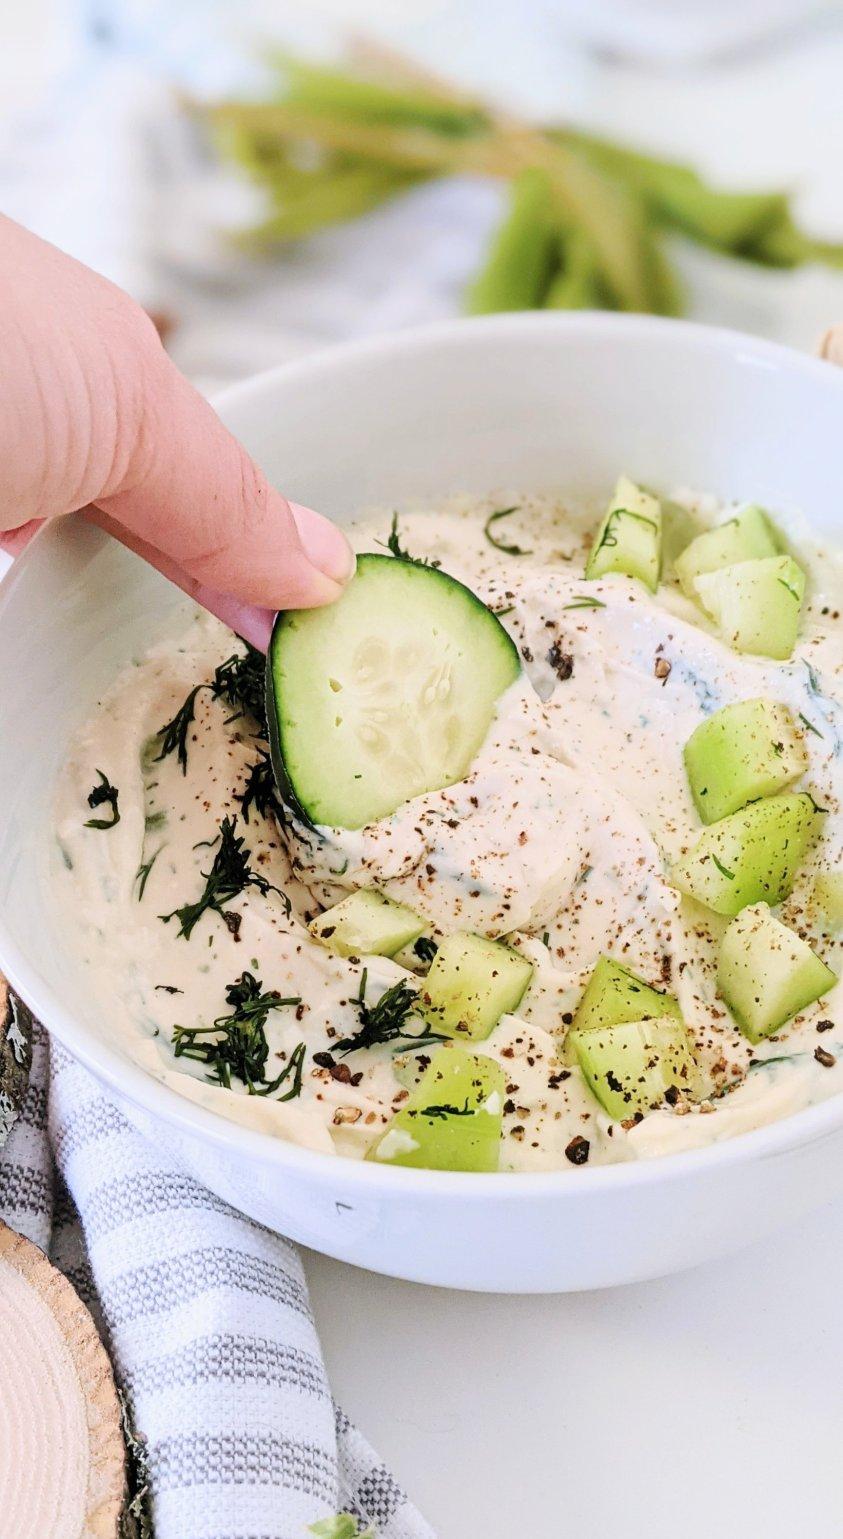 vegan tzatziki dip recipe healthy plant based dairy free yogurt and garlic sauce for falafel pitas wraps naan or shawarma creamy sauce vegan